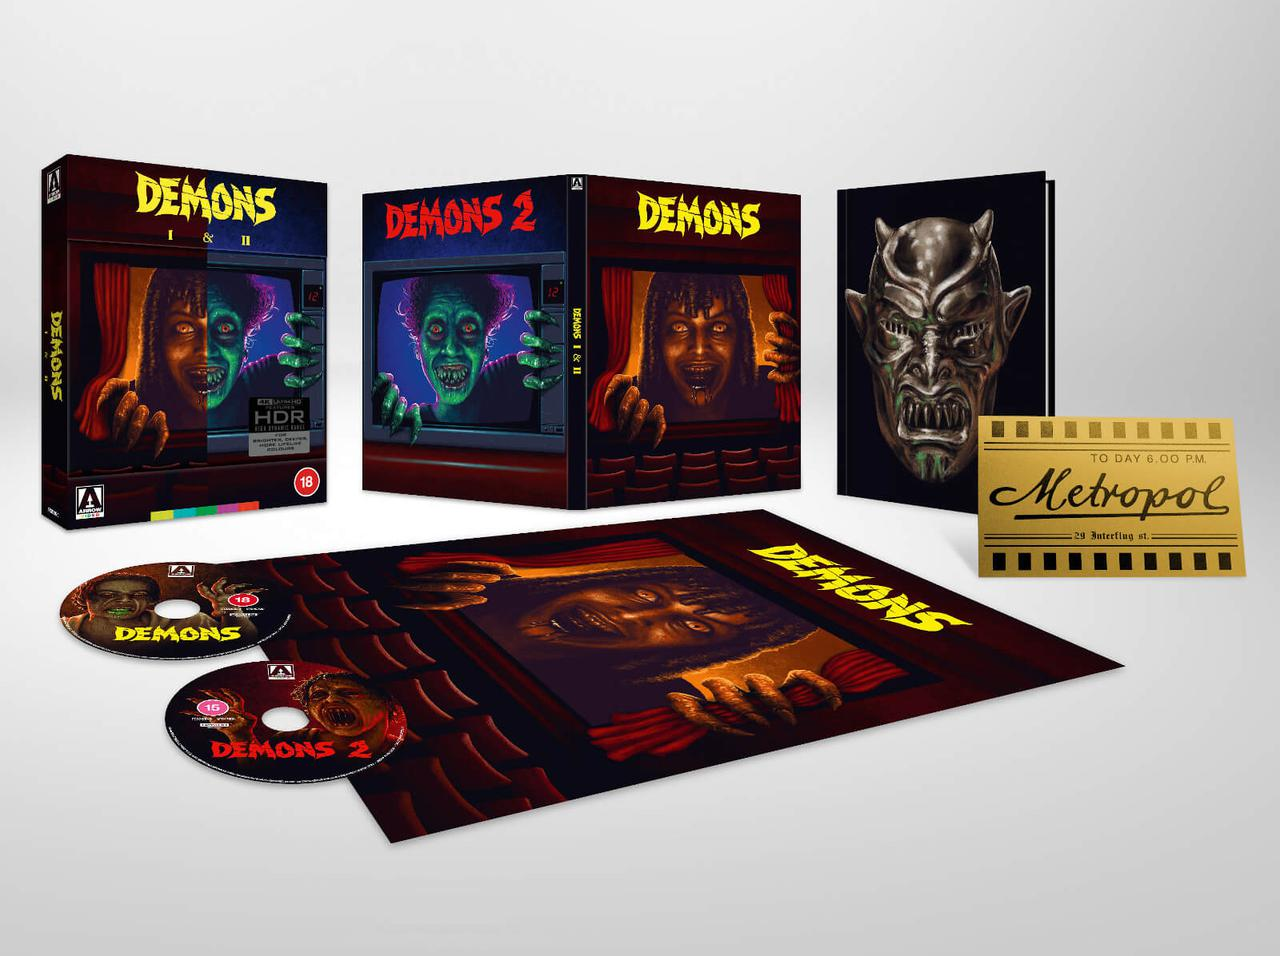 画像: DEMONS/DEMONS 2 - 4K UHD BLU-RAY with DOLBY VISION